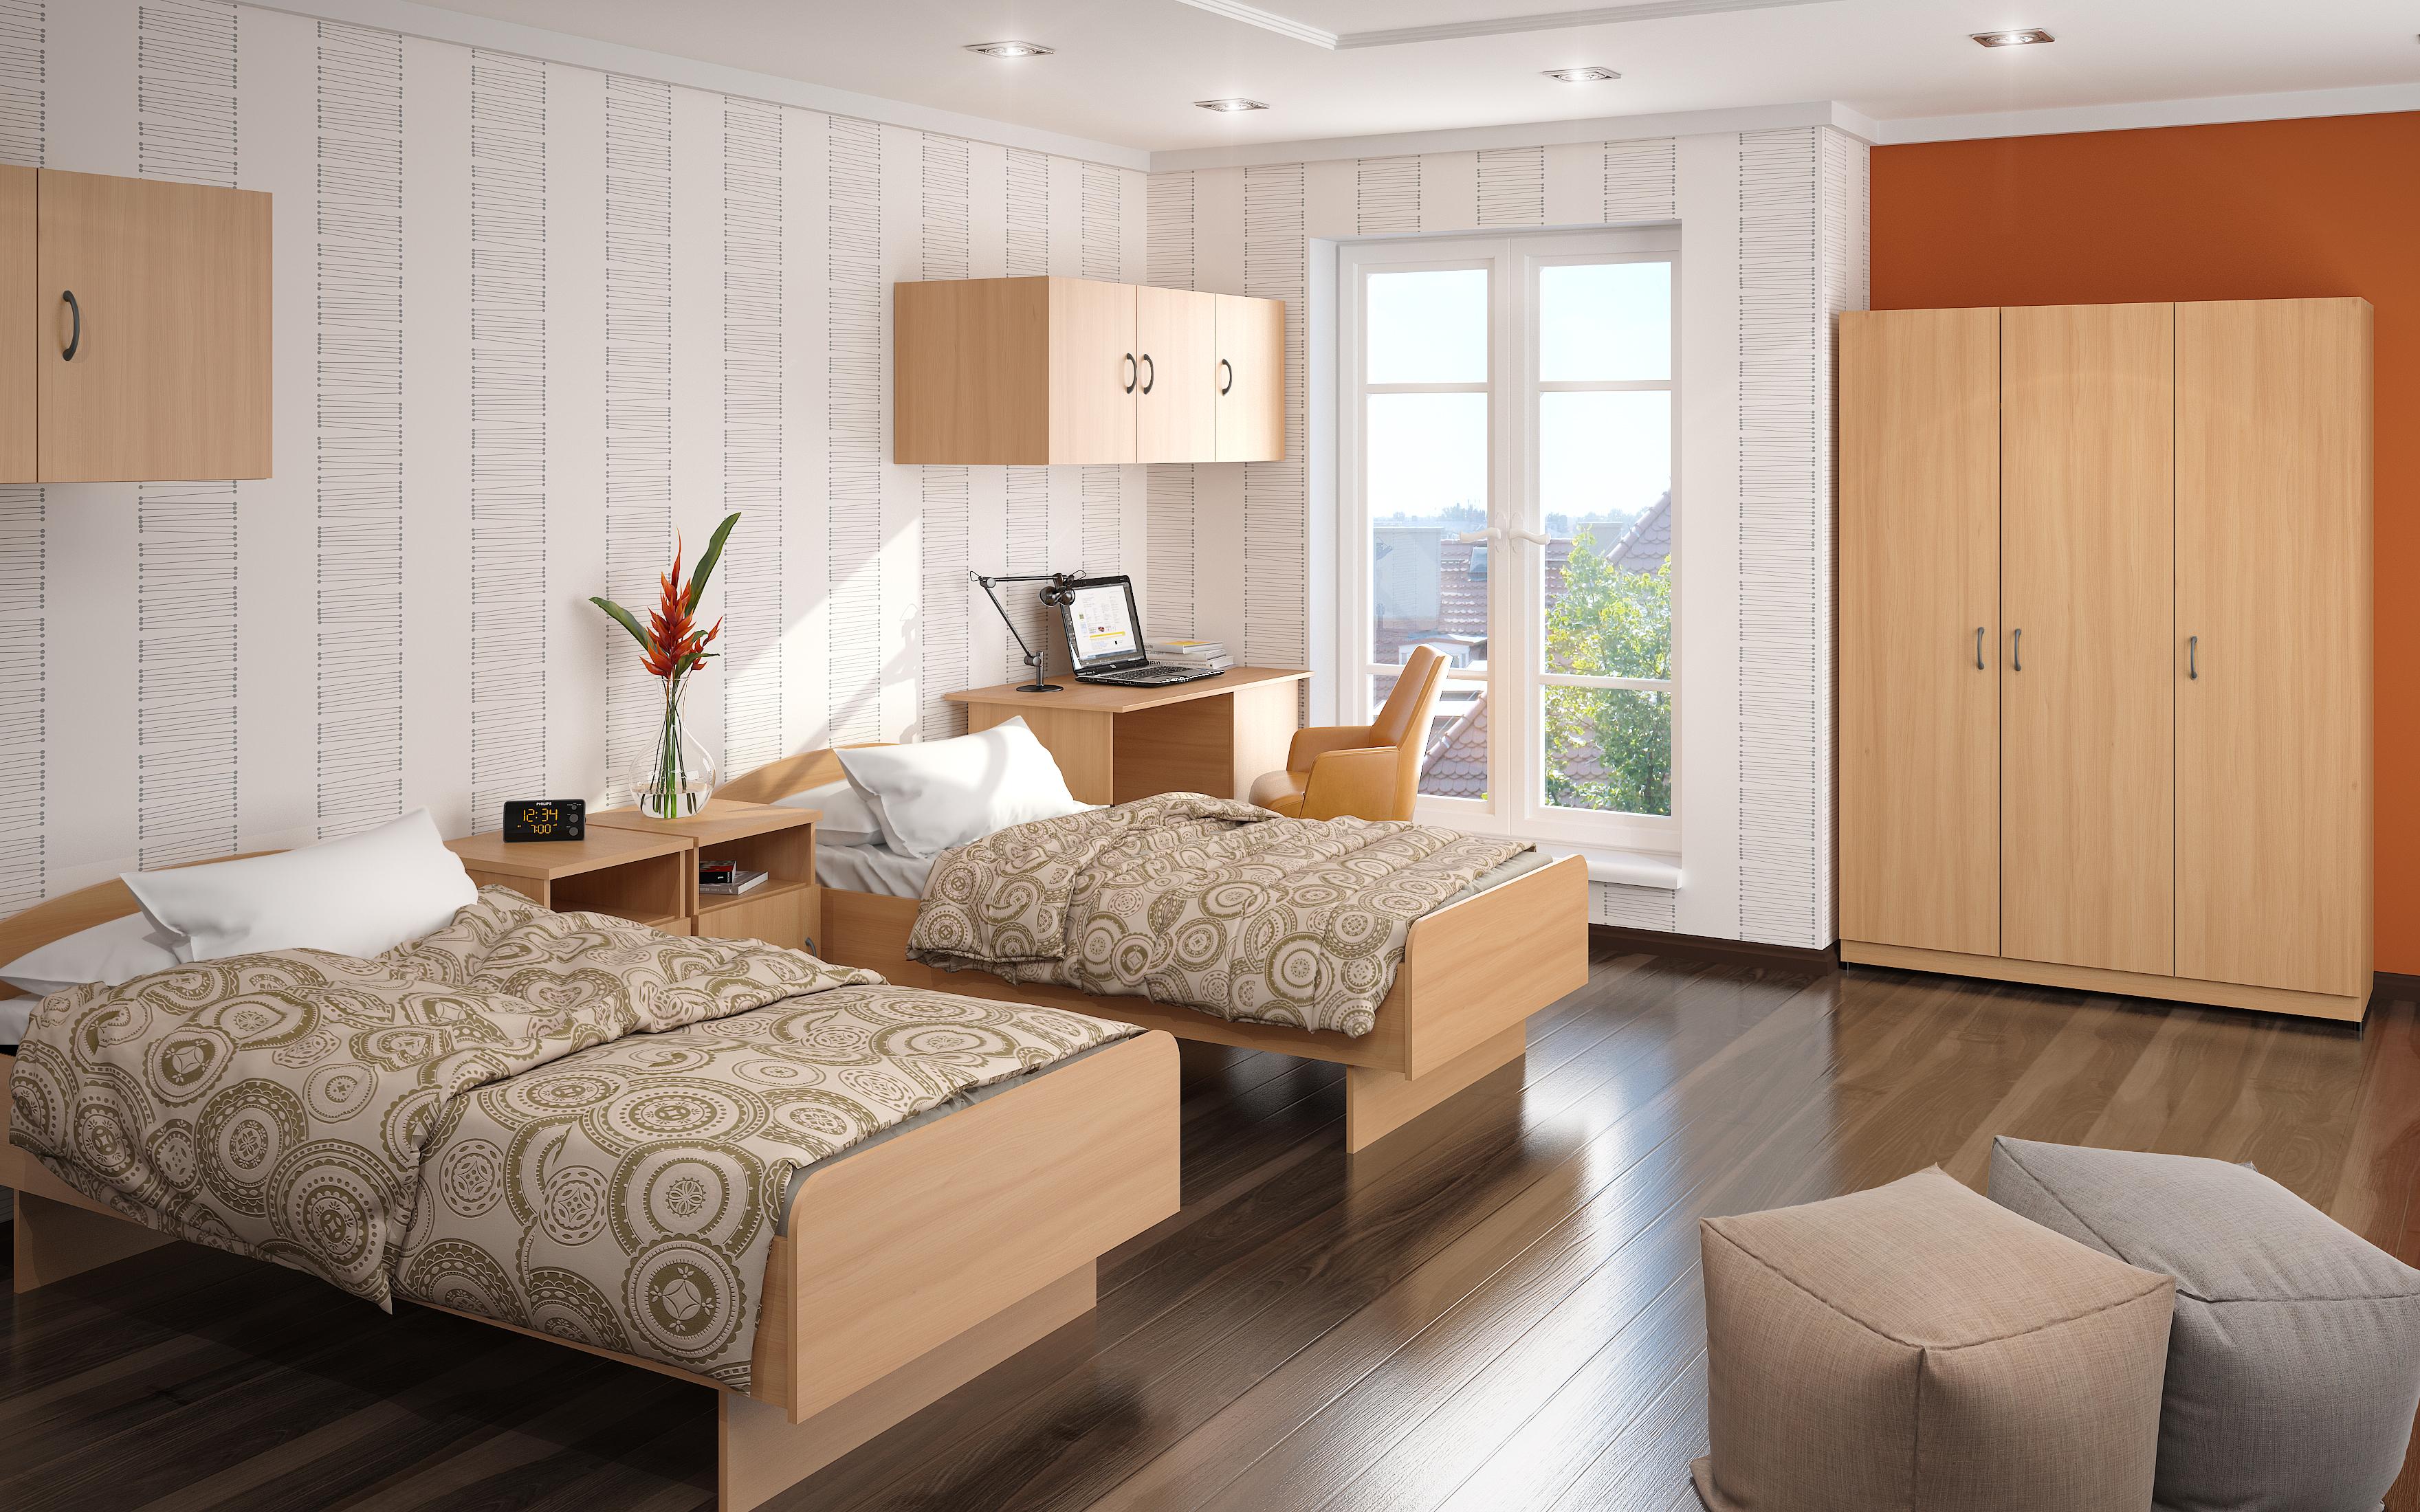 Красивый современный дизайн комнаты